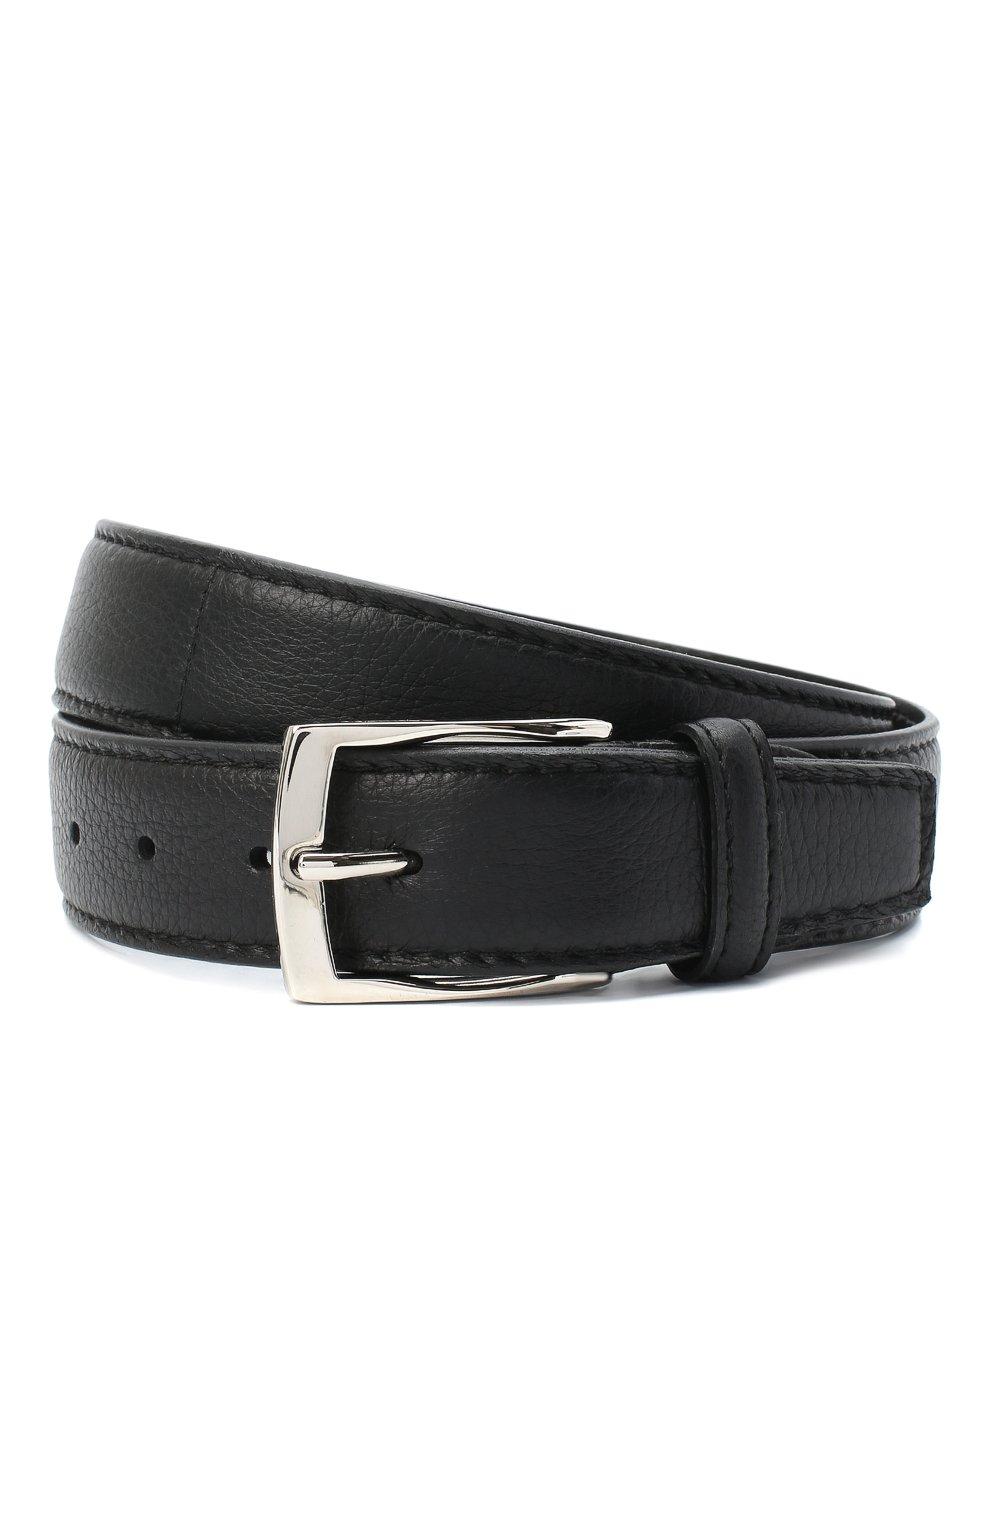 Мужской кожаный ремень BARRETT черного цвета, арт. 81B536.4/CERV0 | Фото 1 (Случай: Формальный)